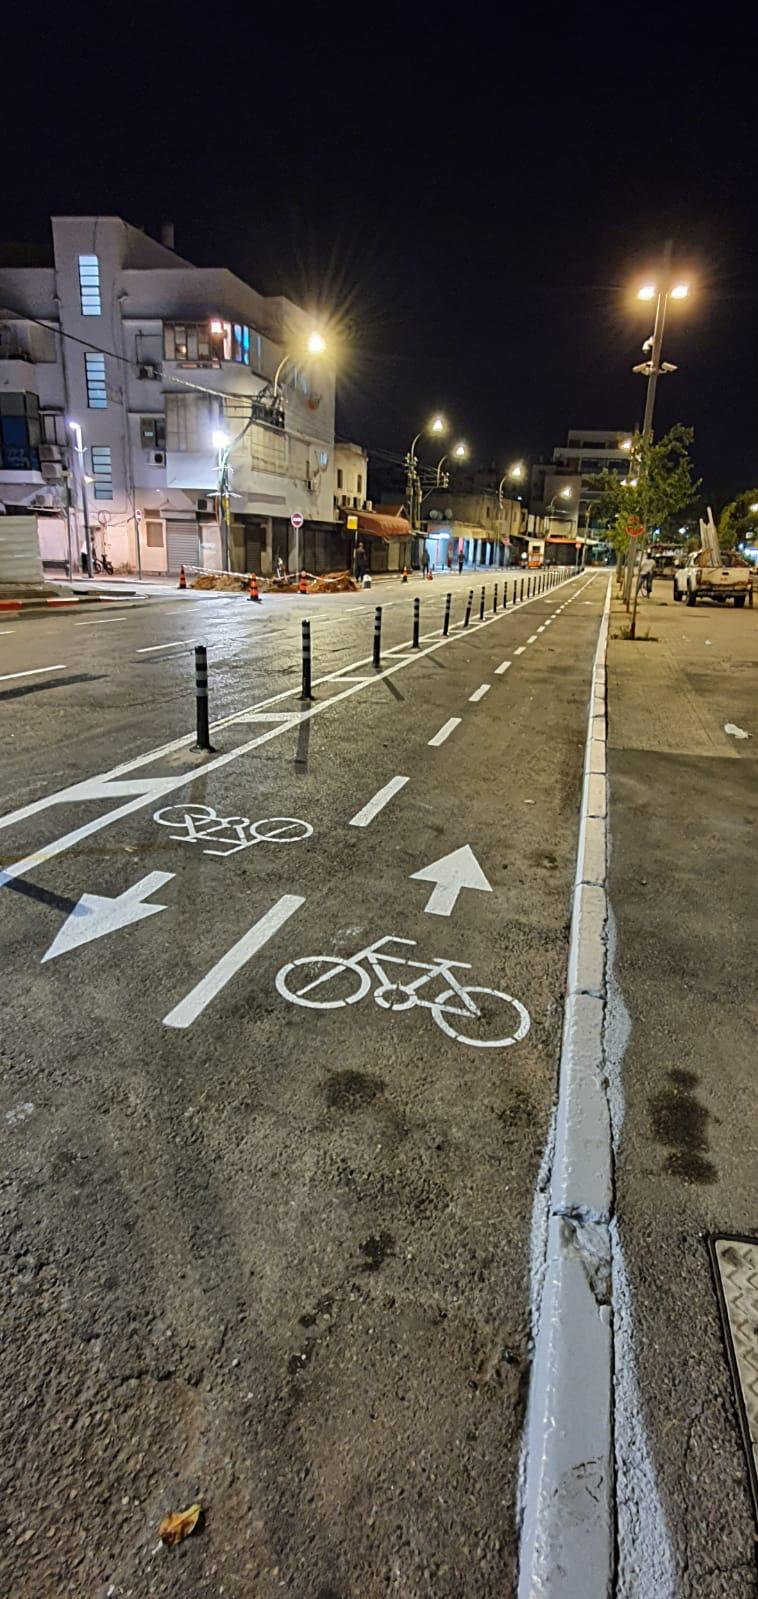 רואים כפול. העירייה תכפיל את שבילי האופניים בעיר